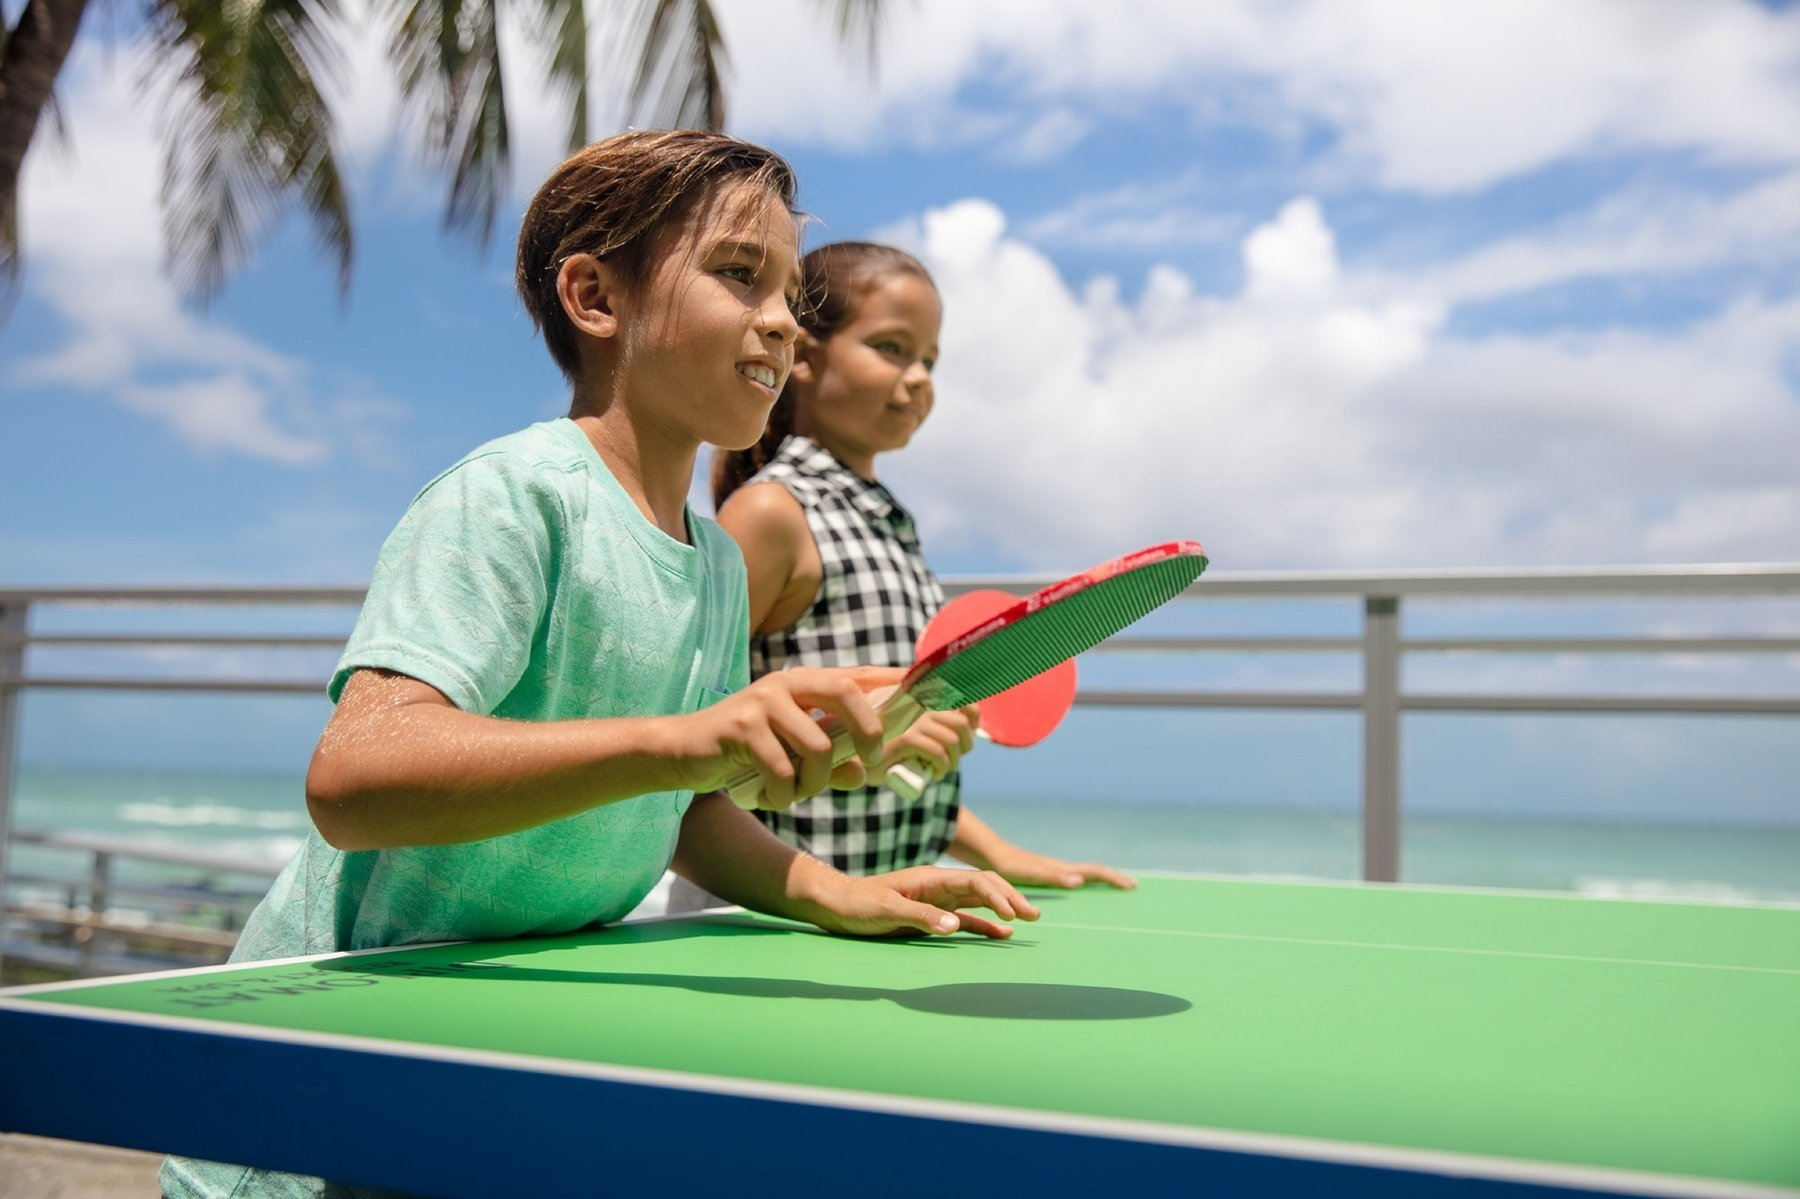 Kids playing pingpong